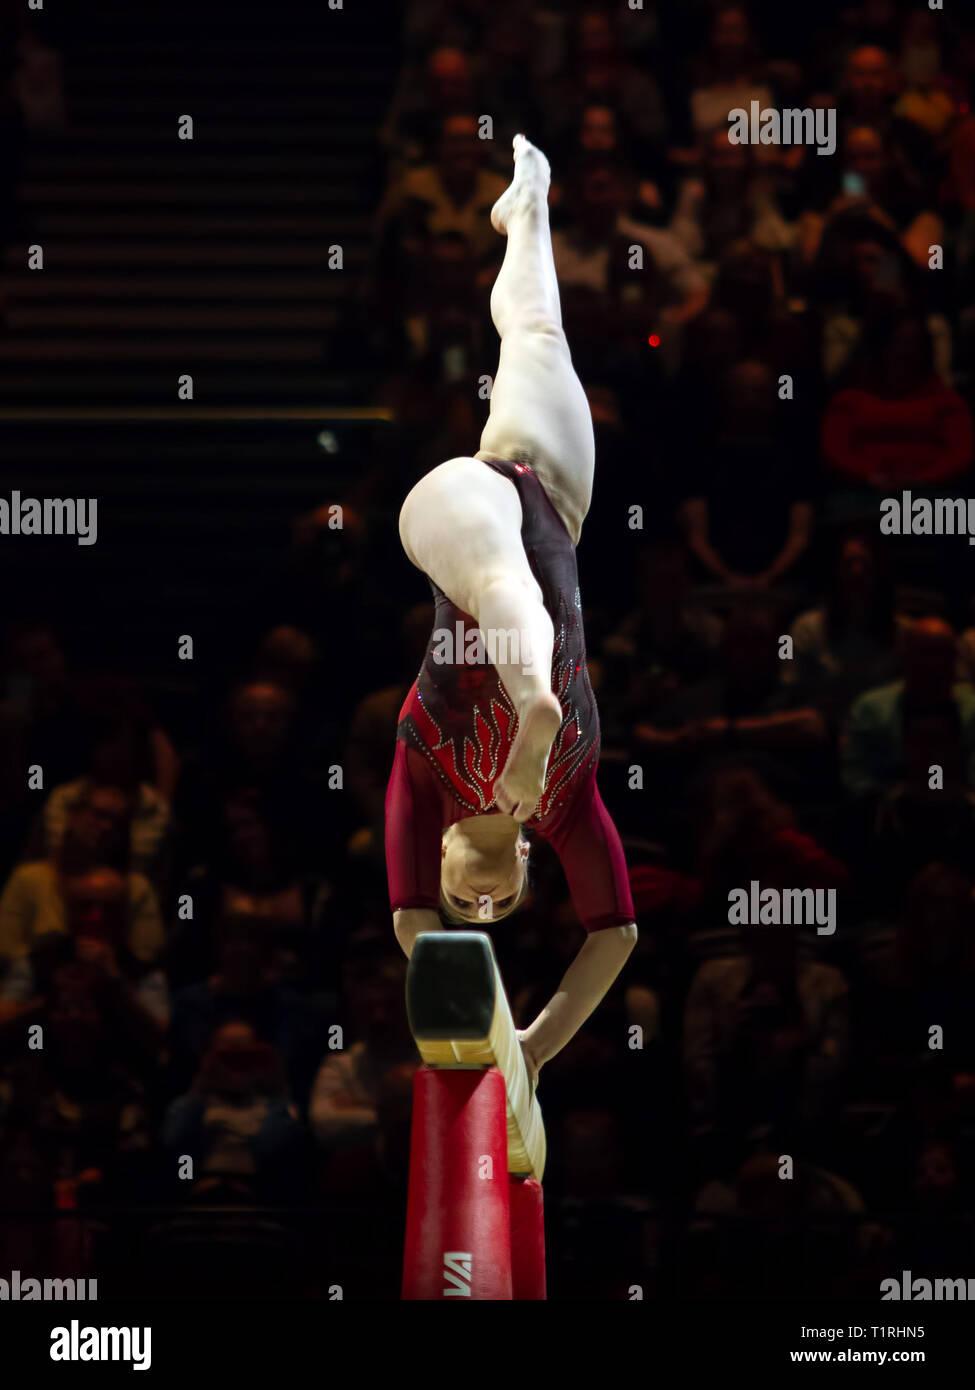 Birmingham, Inglaterra, Reino Unido. 23 de marzo, 2019. Aliya Mustafina Rusia en acción durante la competición, haz de la mujer durante el 2019, la Copa del Mundo de gimnasia Foto de stock